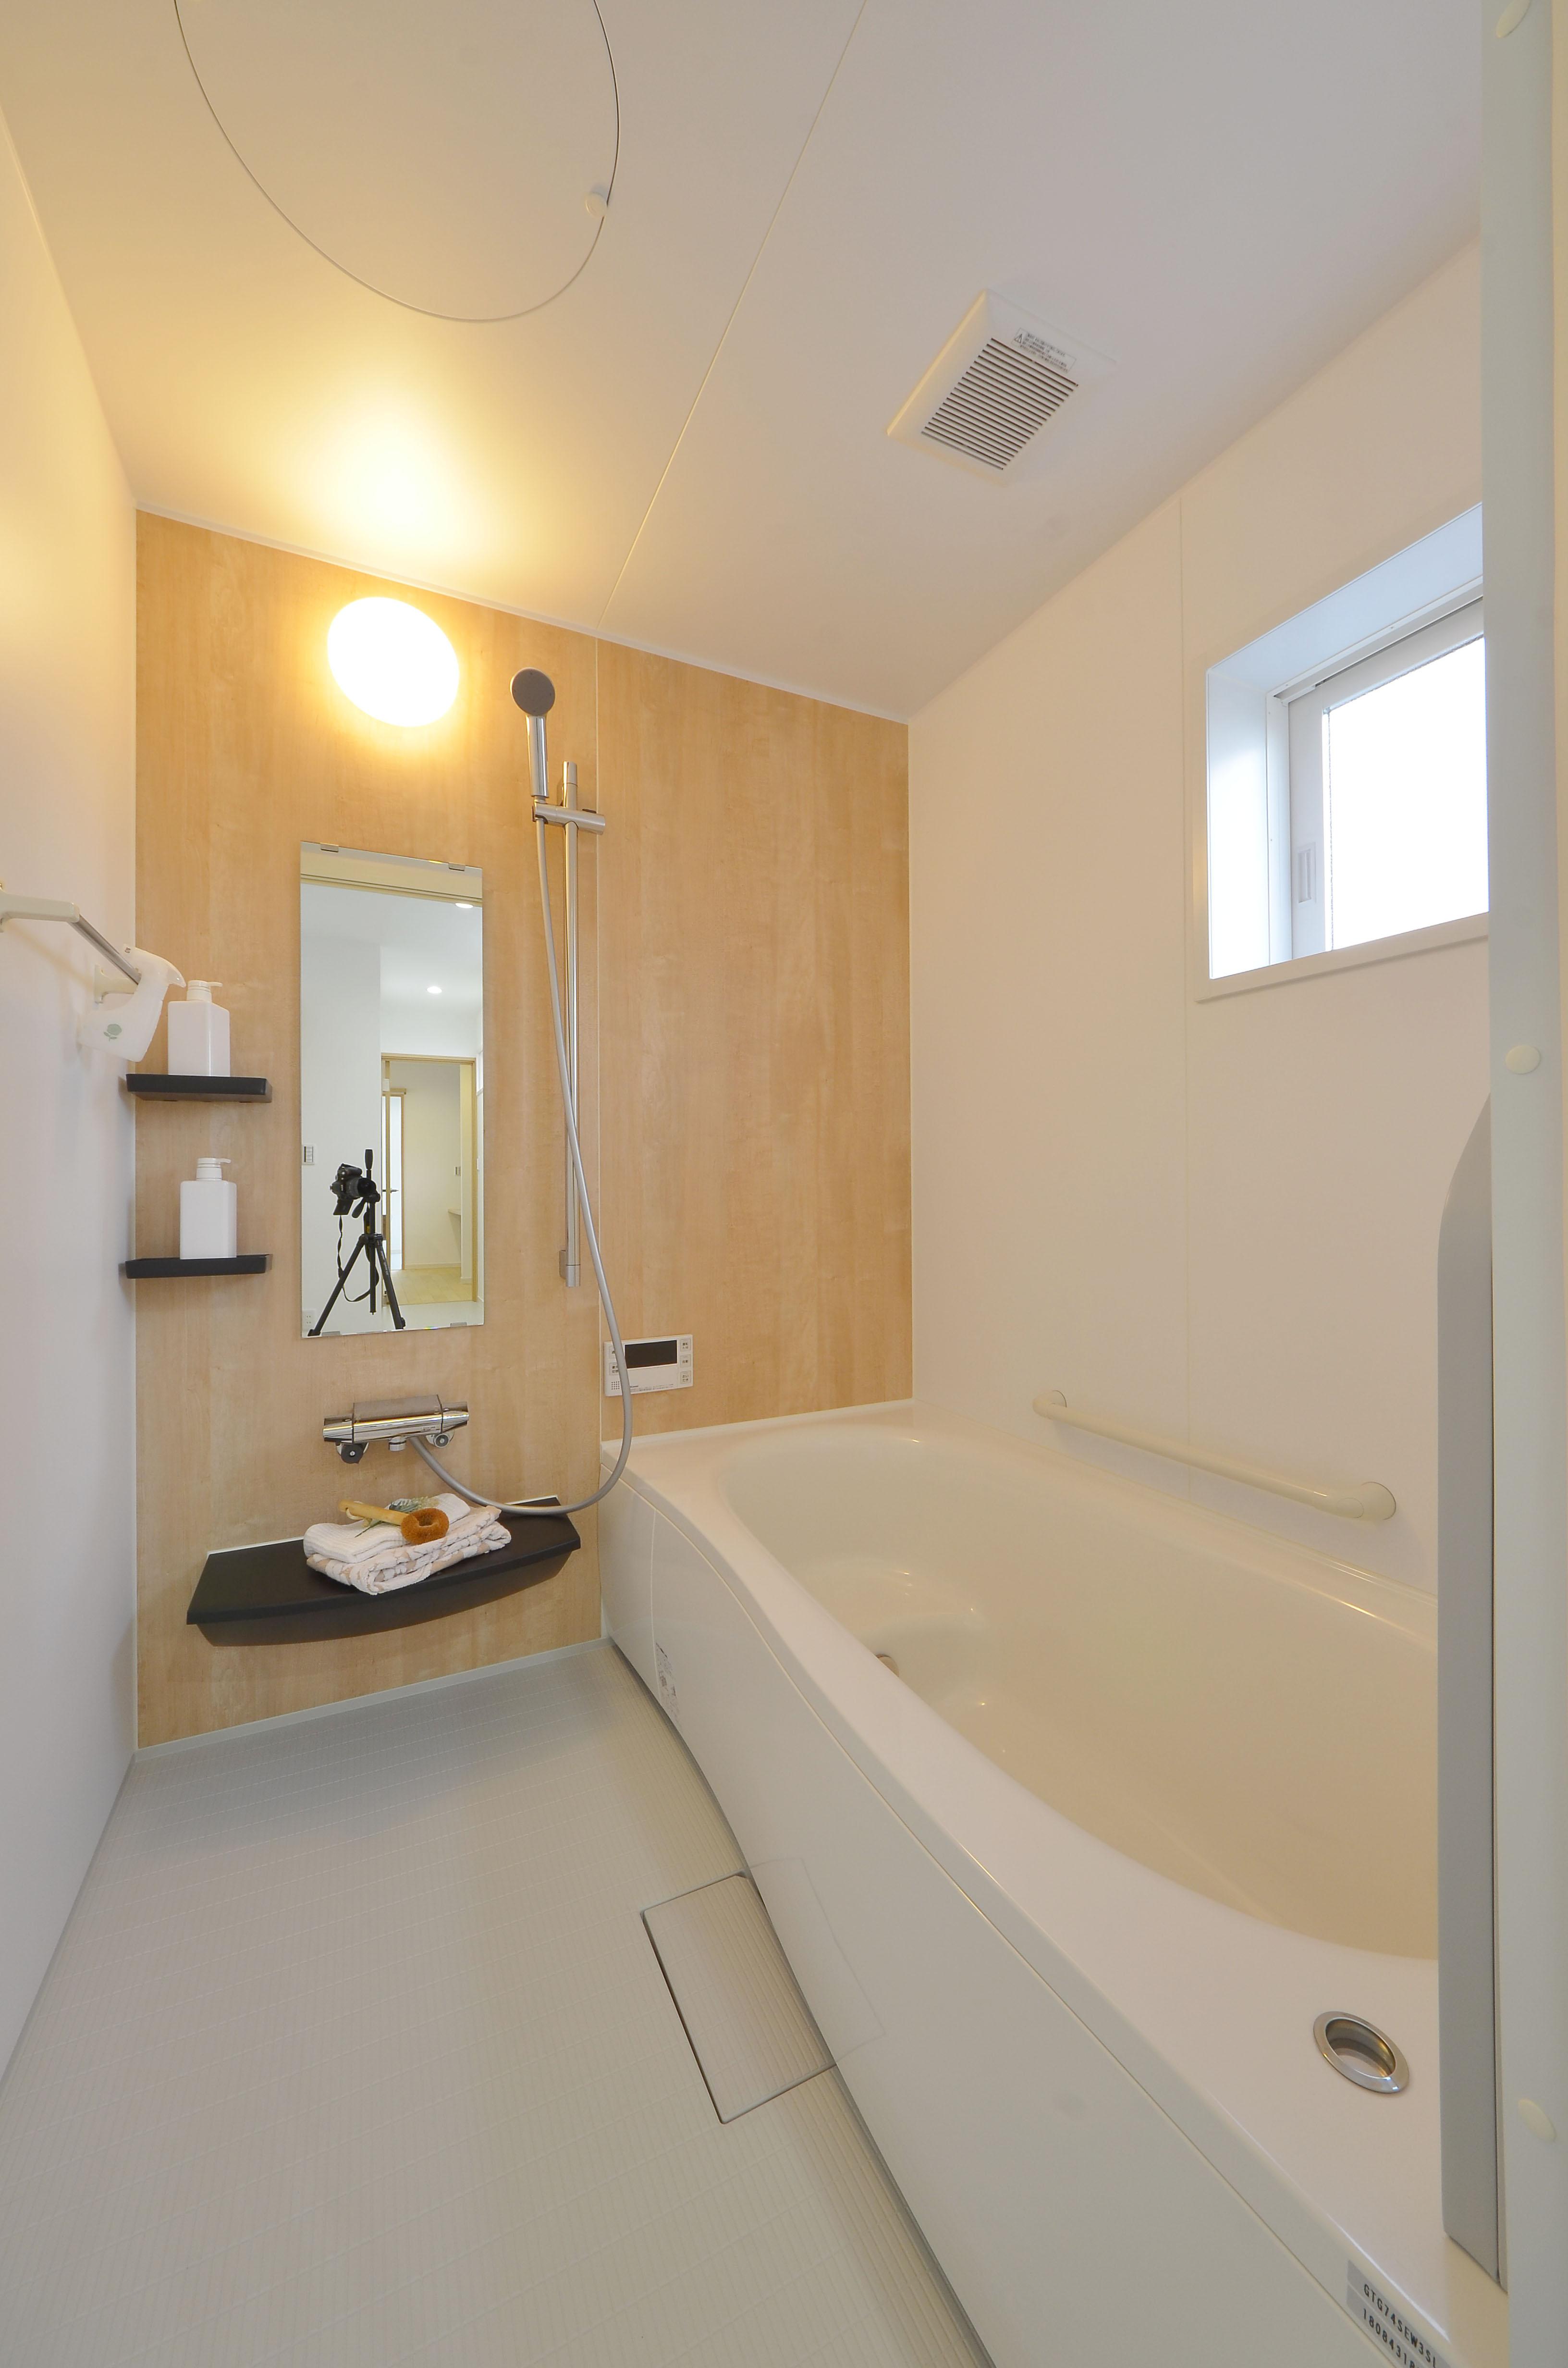 昔ながらのタイル浴室から暖かいシステムバスに改装